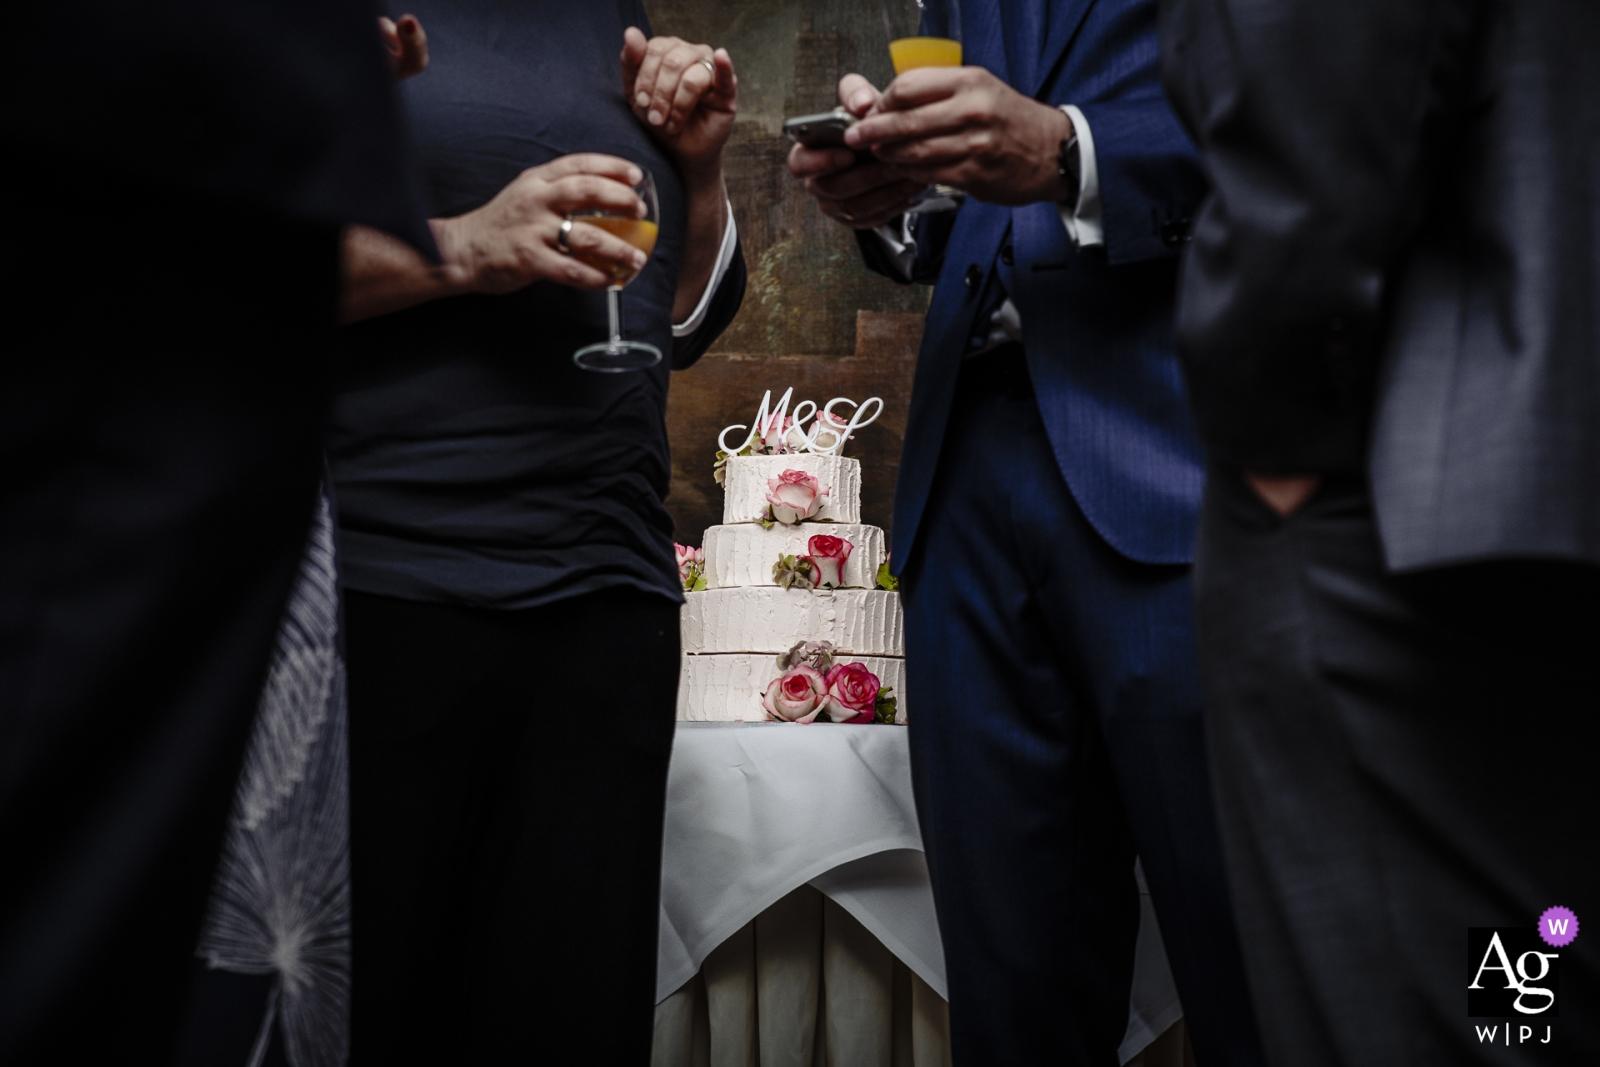 Vaalsbroek Wedding Détail des boissons, des invités et du gâteau.